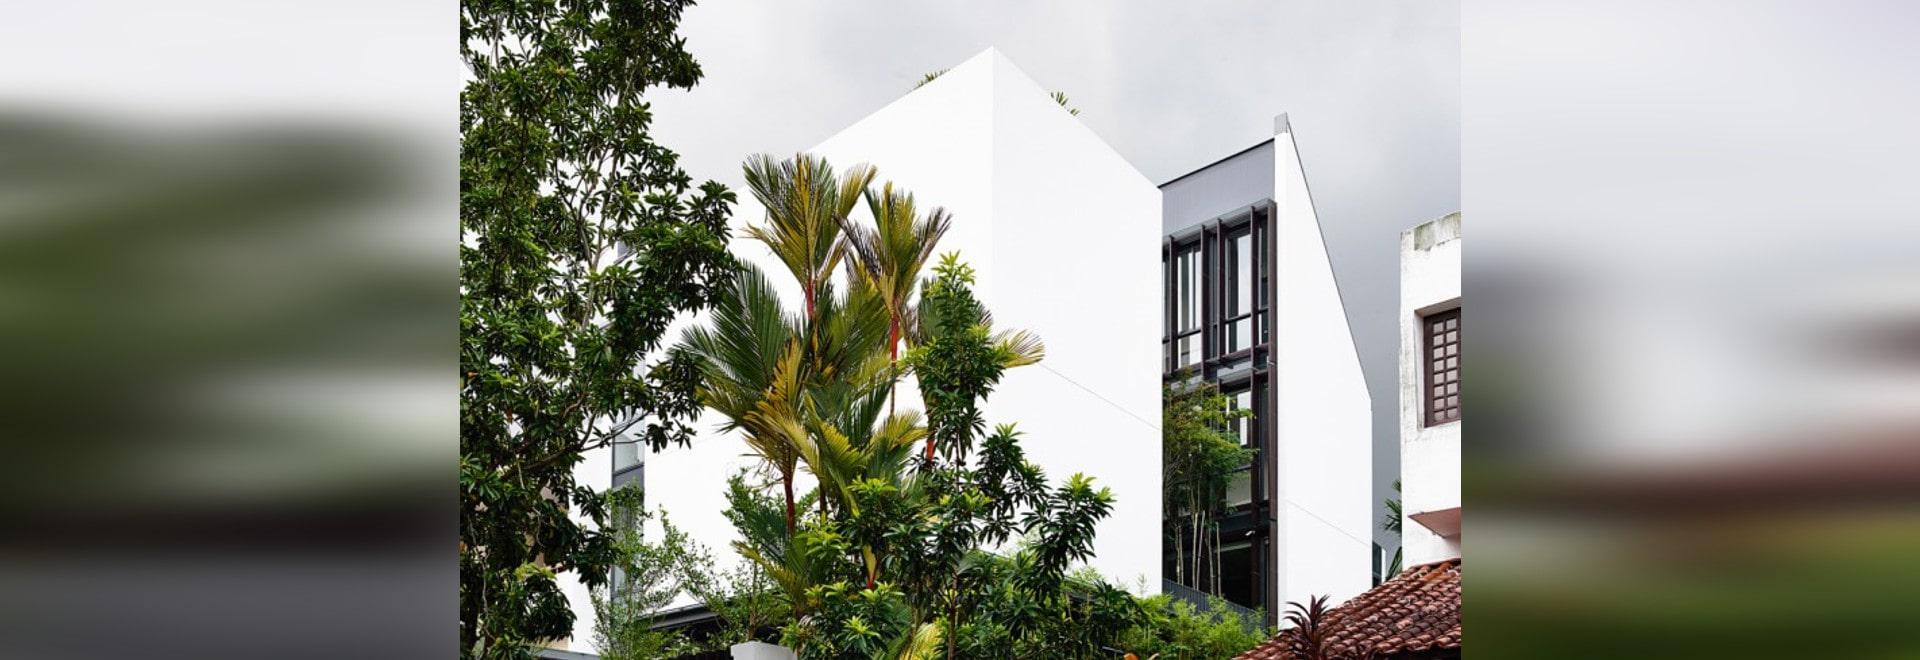 Öffnen Sie tropisches Haus mit Innenhof und erstaunlichen hölzernen ...